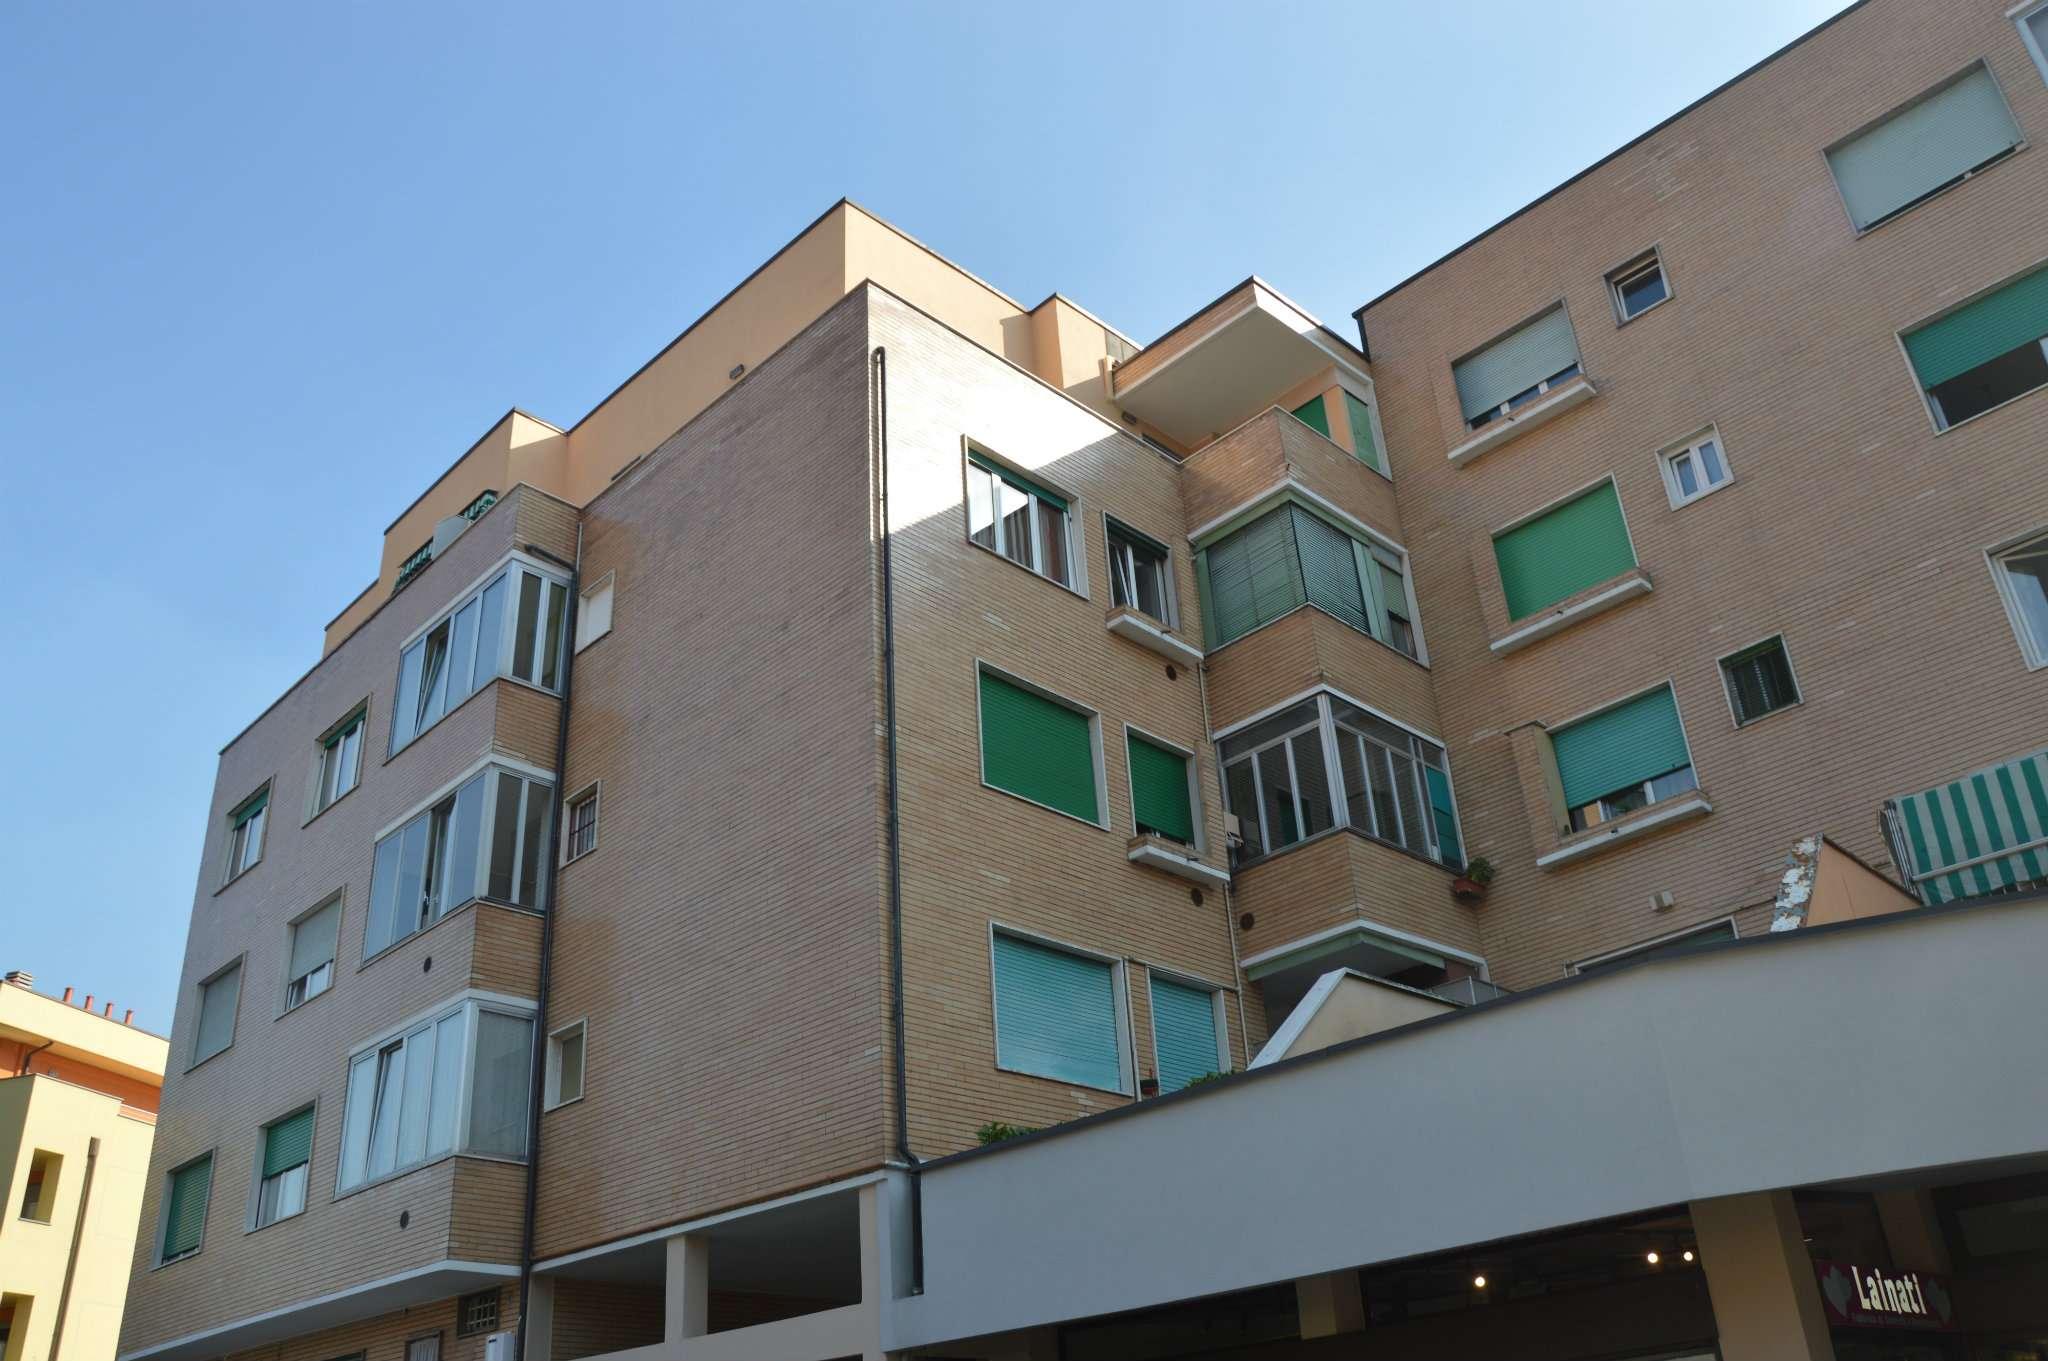 Appartamento in vendita a Cormano, 4 locali, prezzo € 280.000 | PortaleAgenzieImmobiliari.it